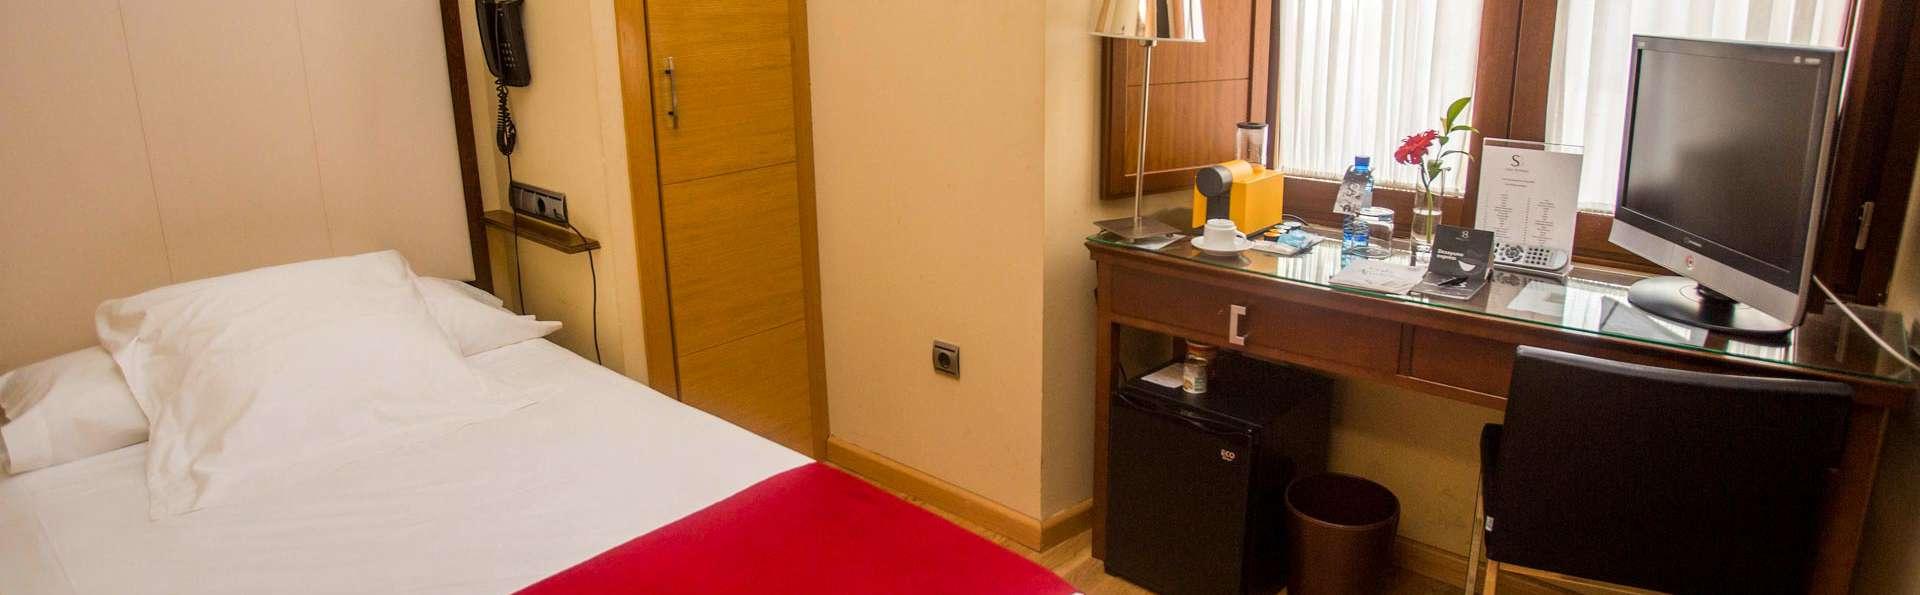 Hotel Soho Boutique Casa Don Fernando - EDIT_ROOM_14.jpg